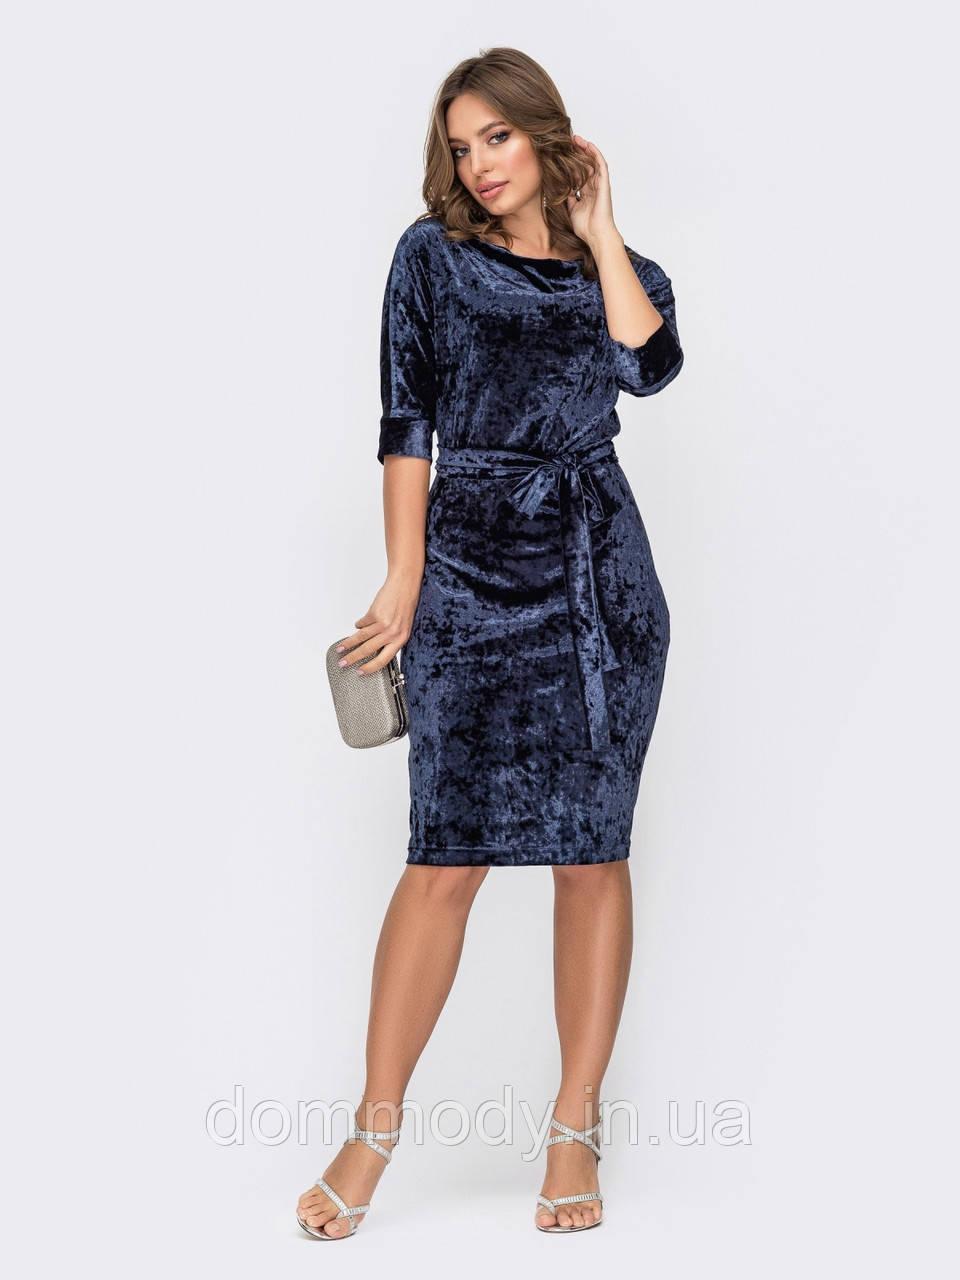 Платье женское из бархата Cleo blu